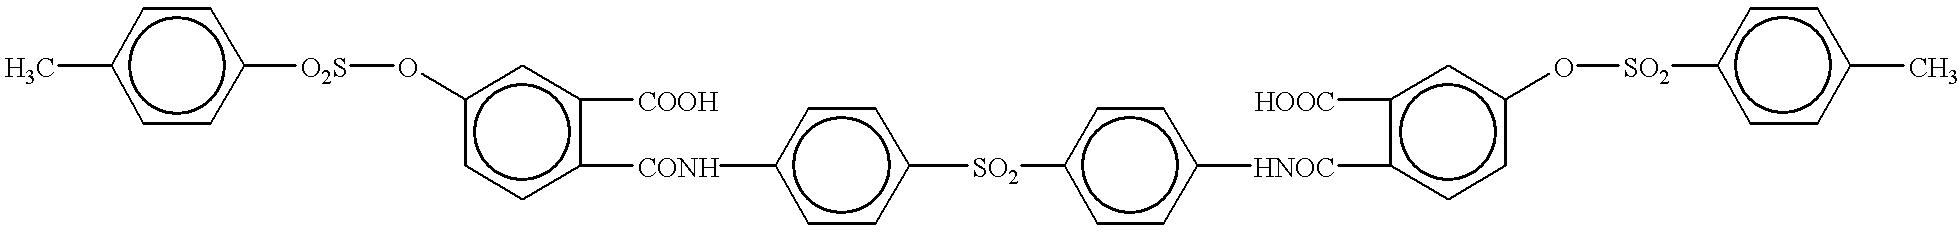 Figure US06180560-20010130-C00521